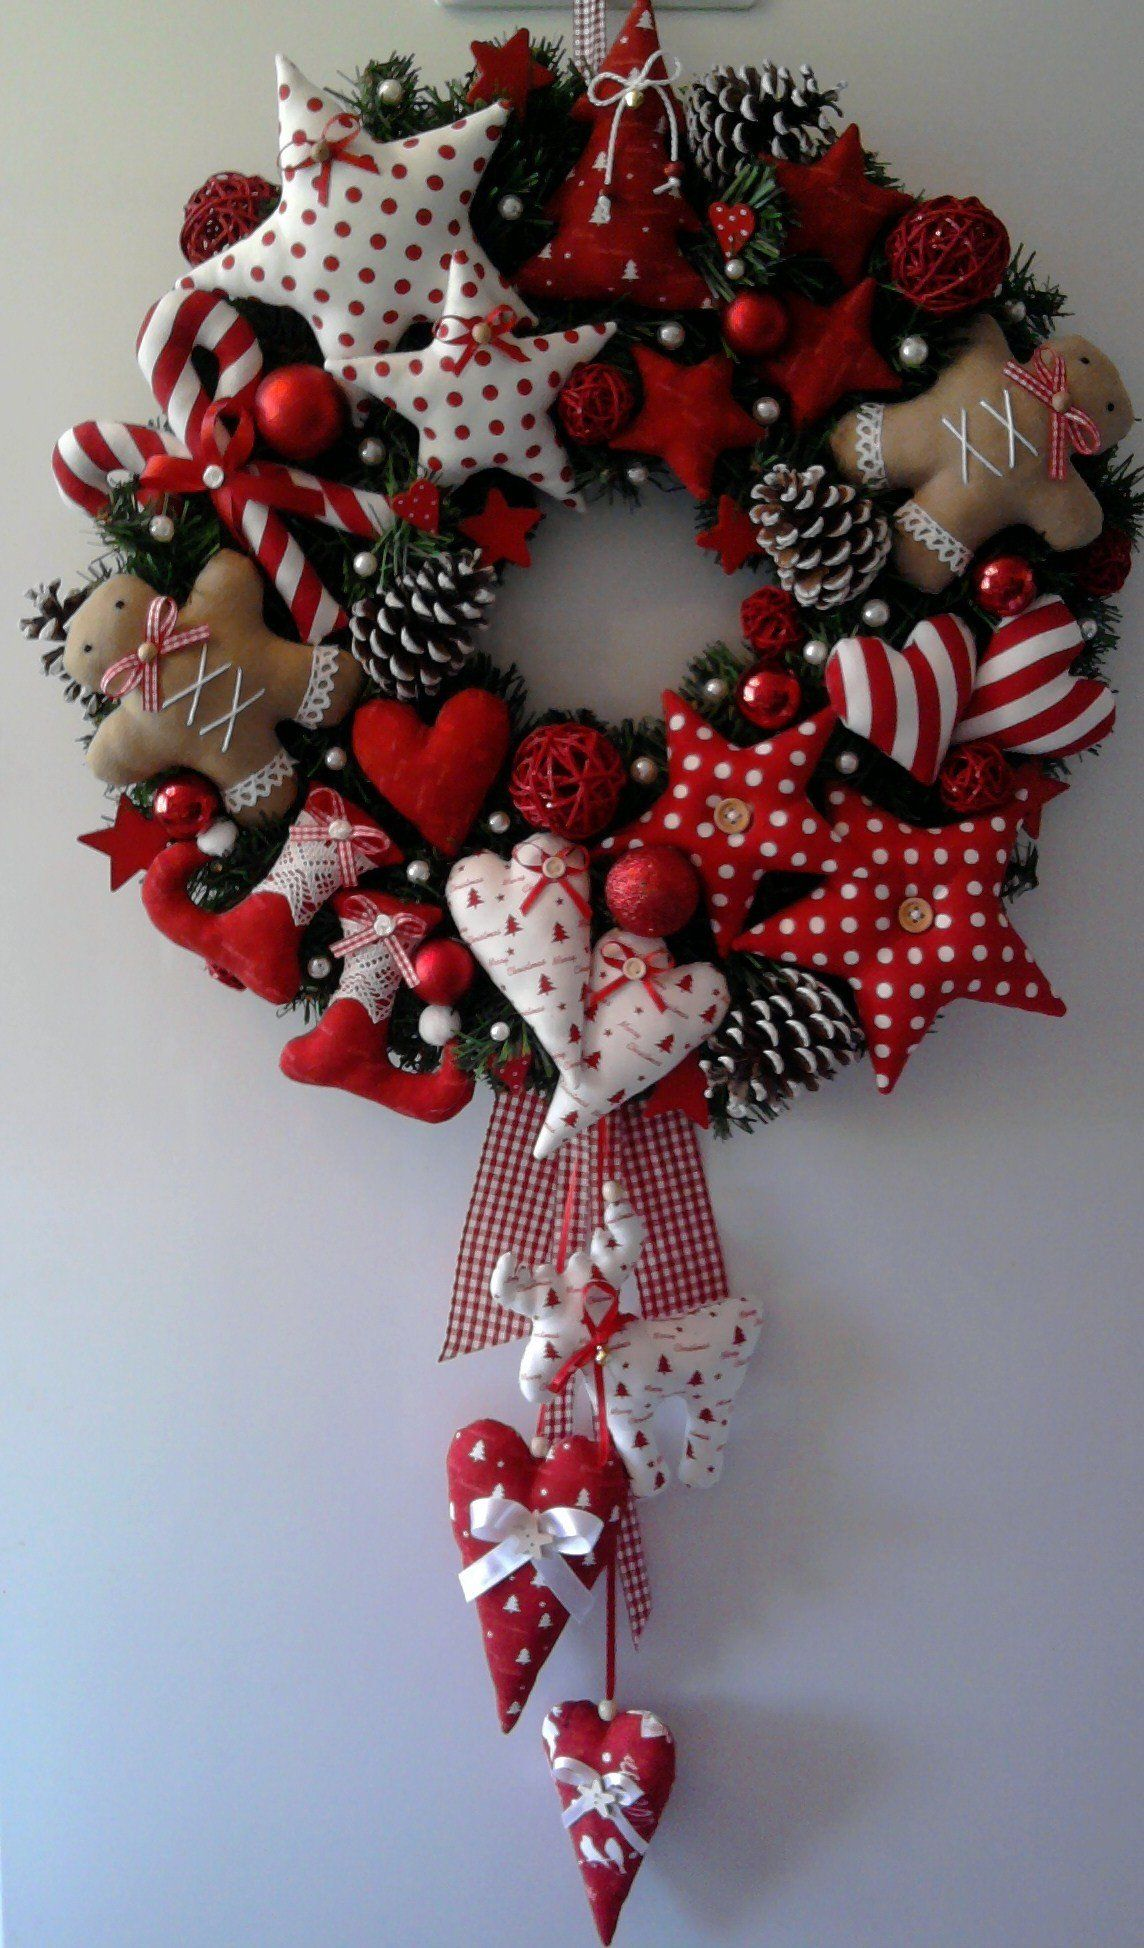 *Kranz*Weihnachten*Lebkuchenmann*Zuckerstangen*Stiefel*Elch*nach Tilda*ROT* | eBay